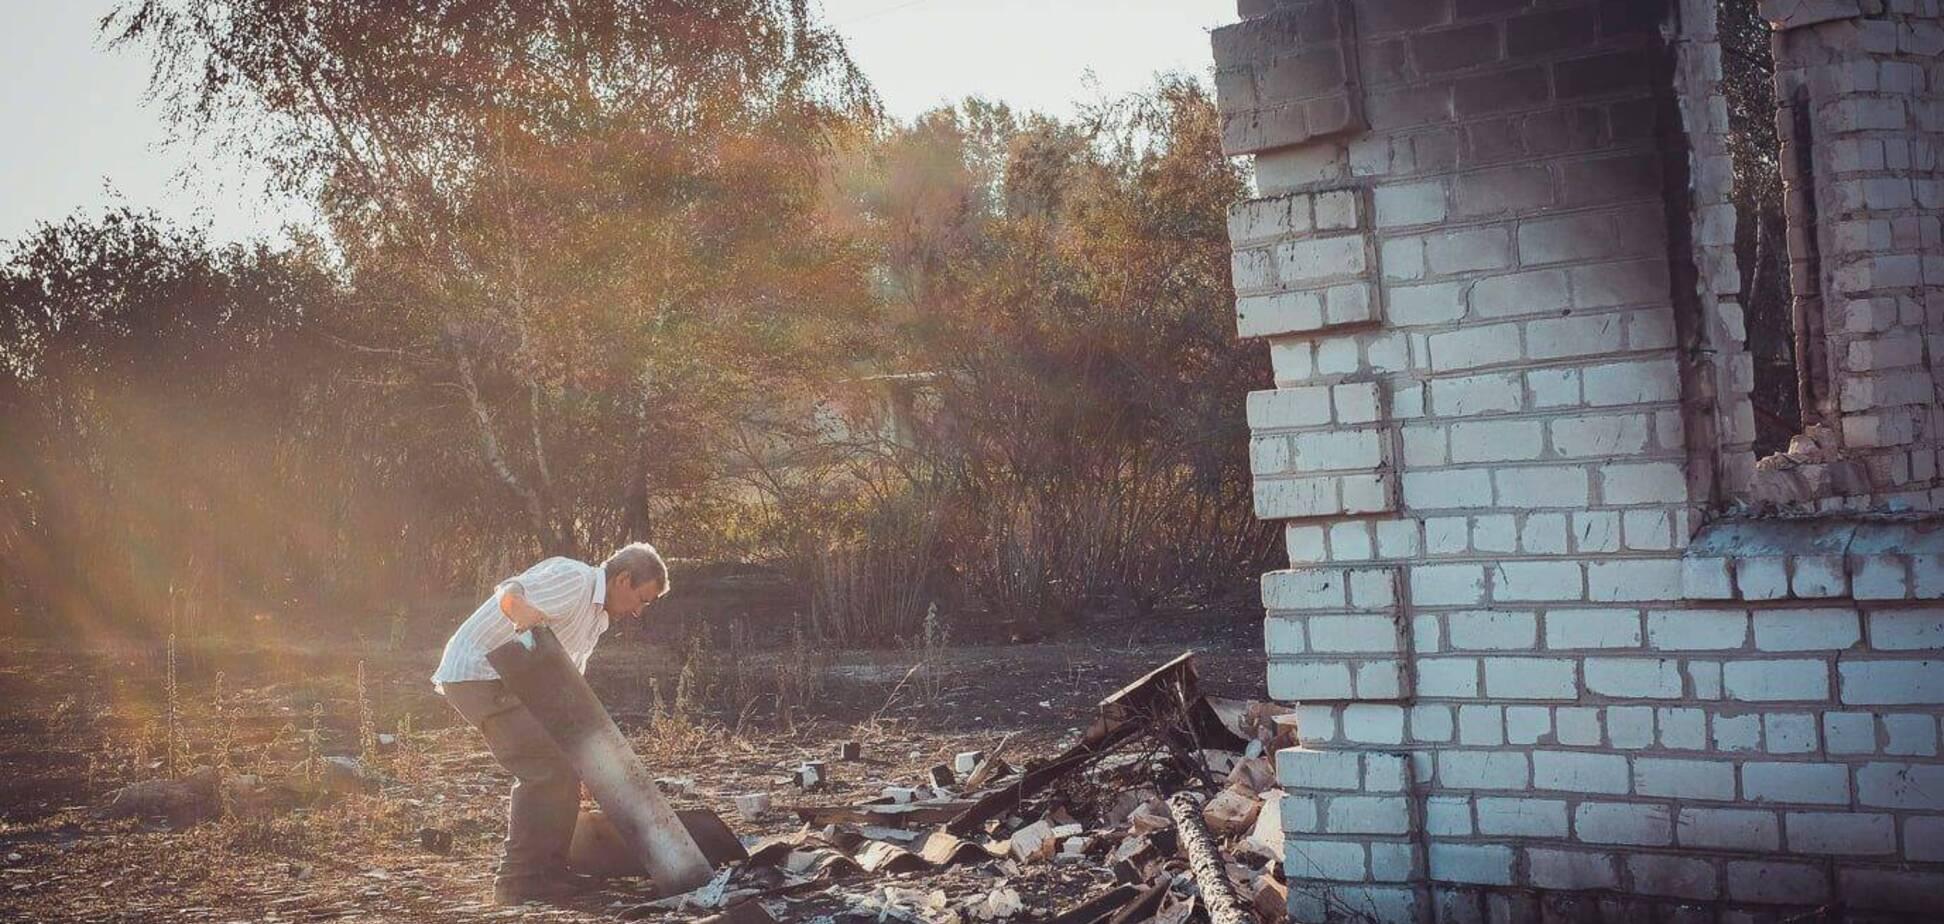 Від вогню постраждали більше сотні будинків і ще близько п'ятдесяти повністю знищені